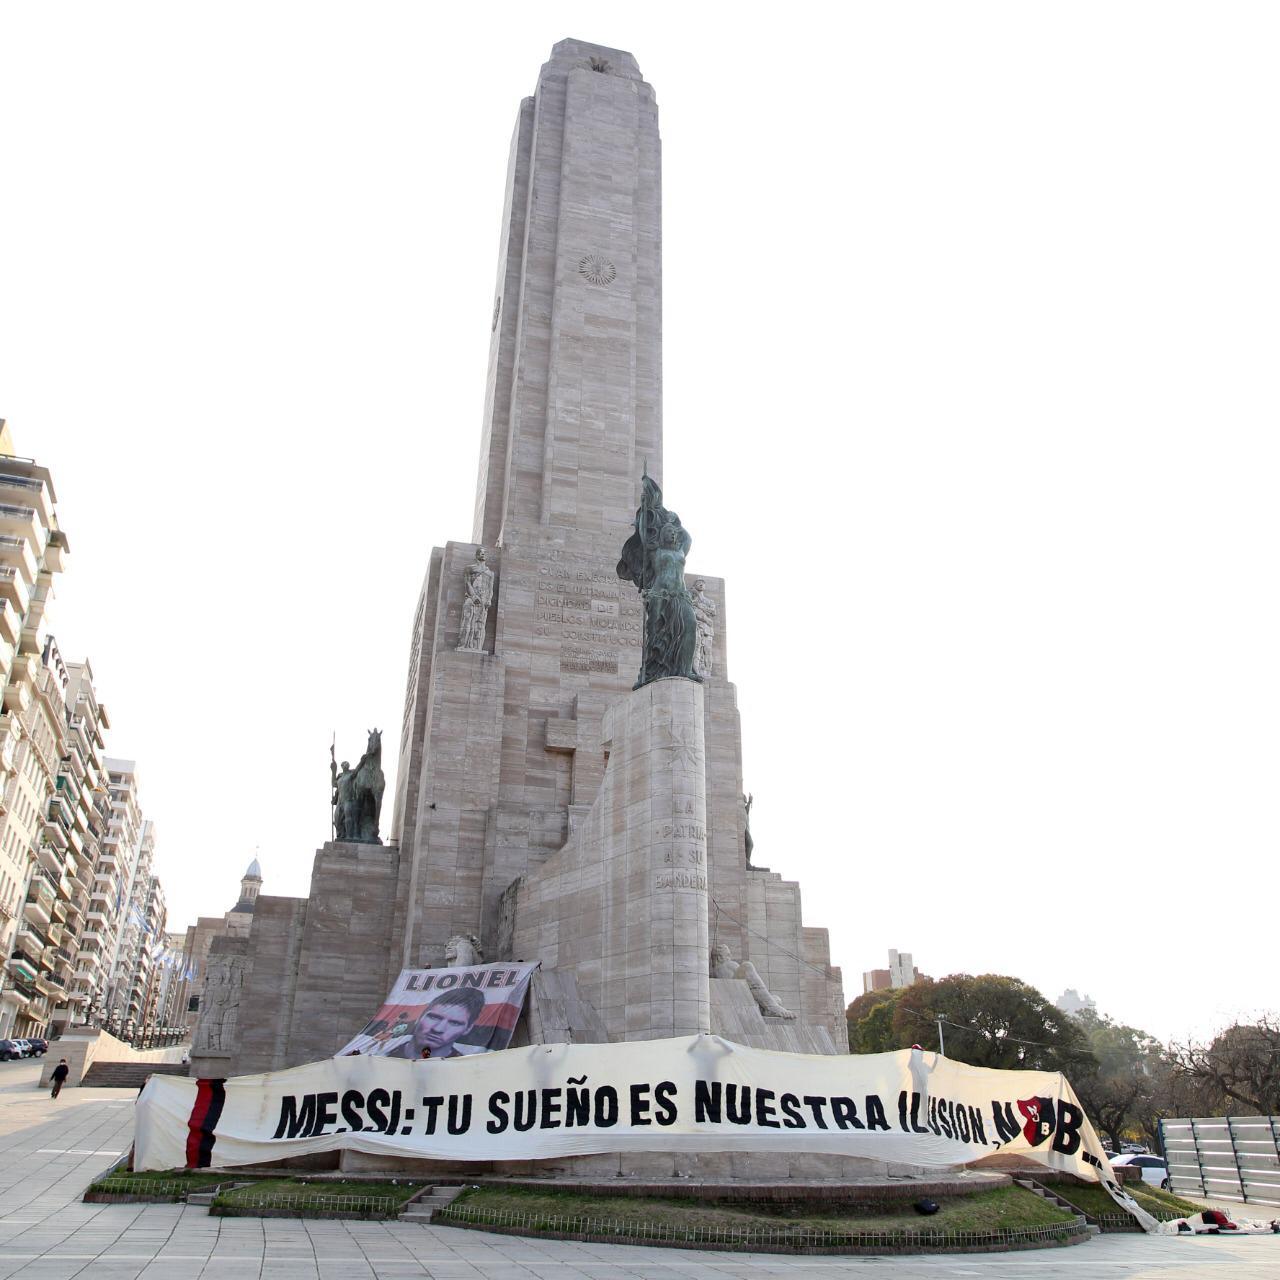 Fan tổ chức diễu hành, mời Messi trở về Argentina khoác áo đội bóng cũ - Ảnh 2.